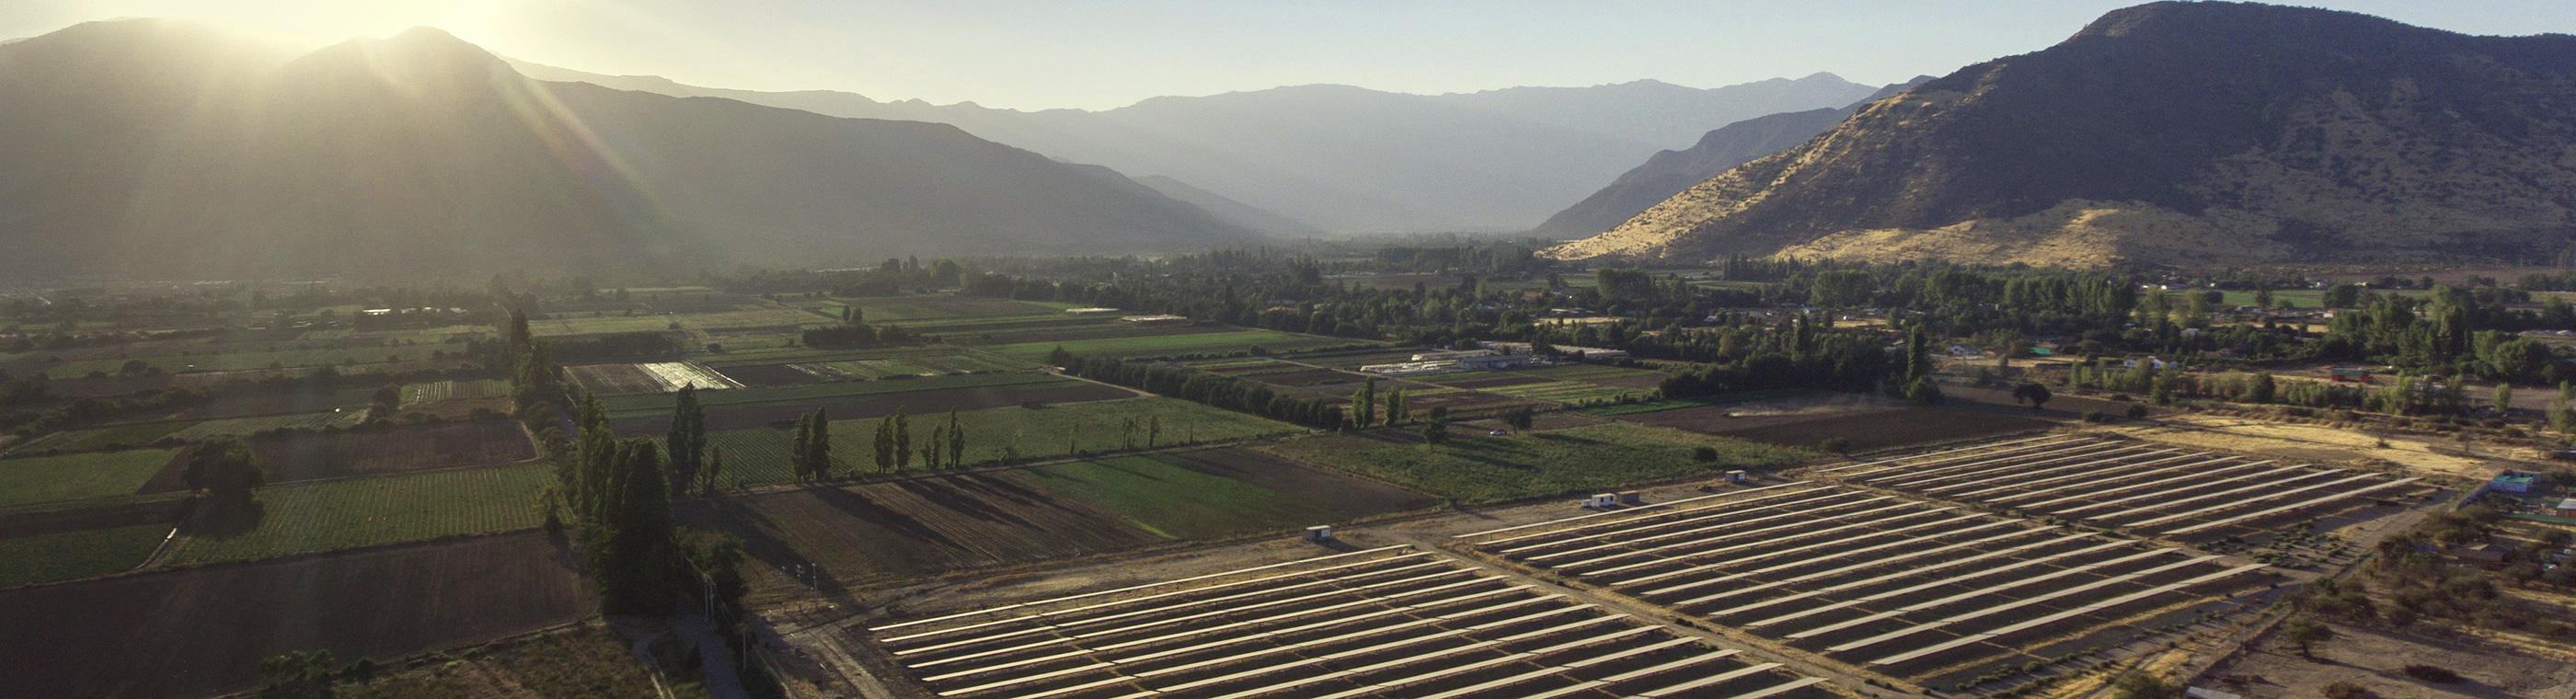 Centrale au sol photovoltaïque Chili - CVE